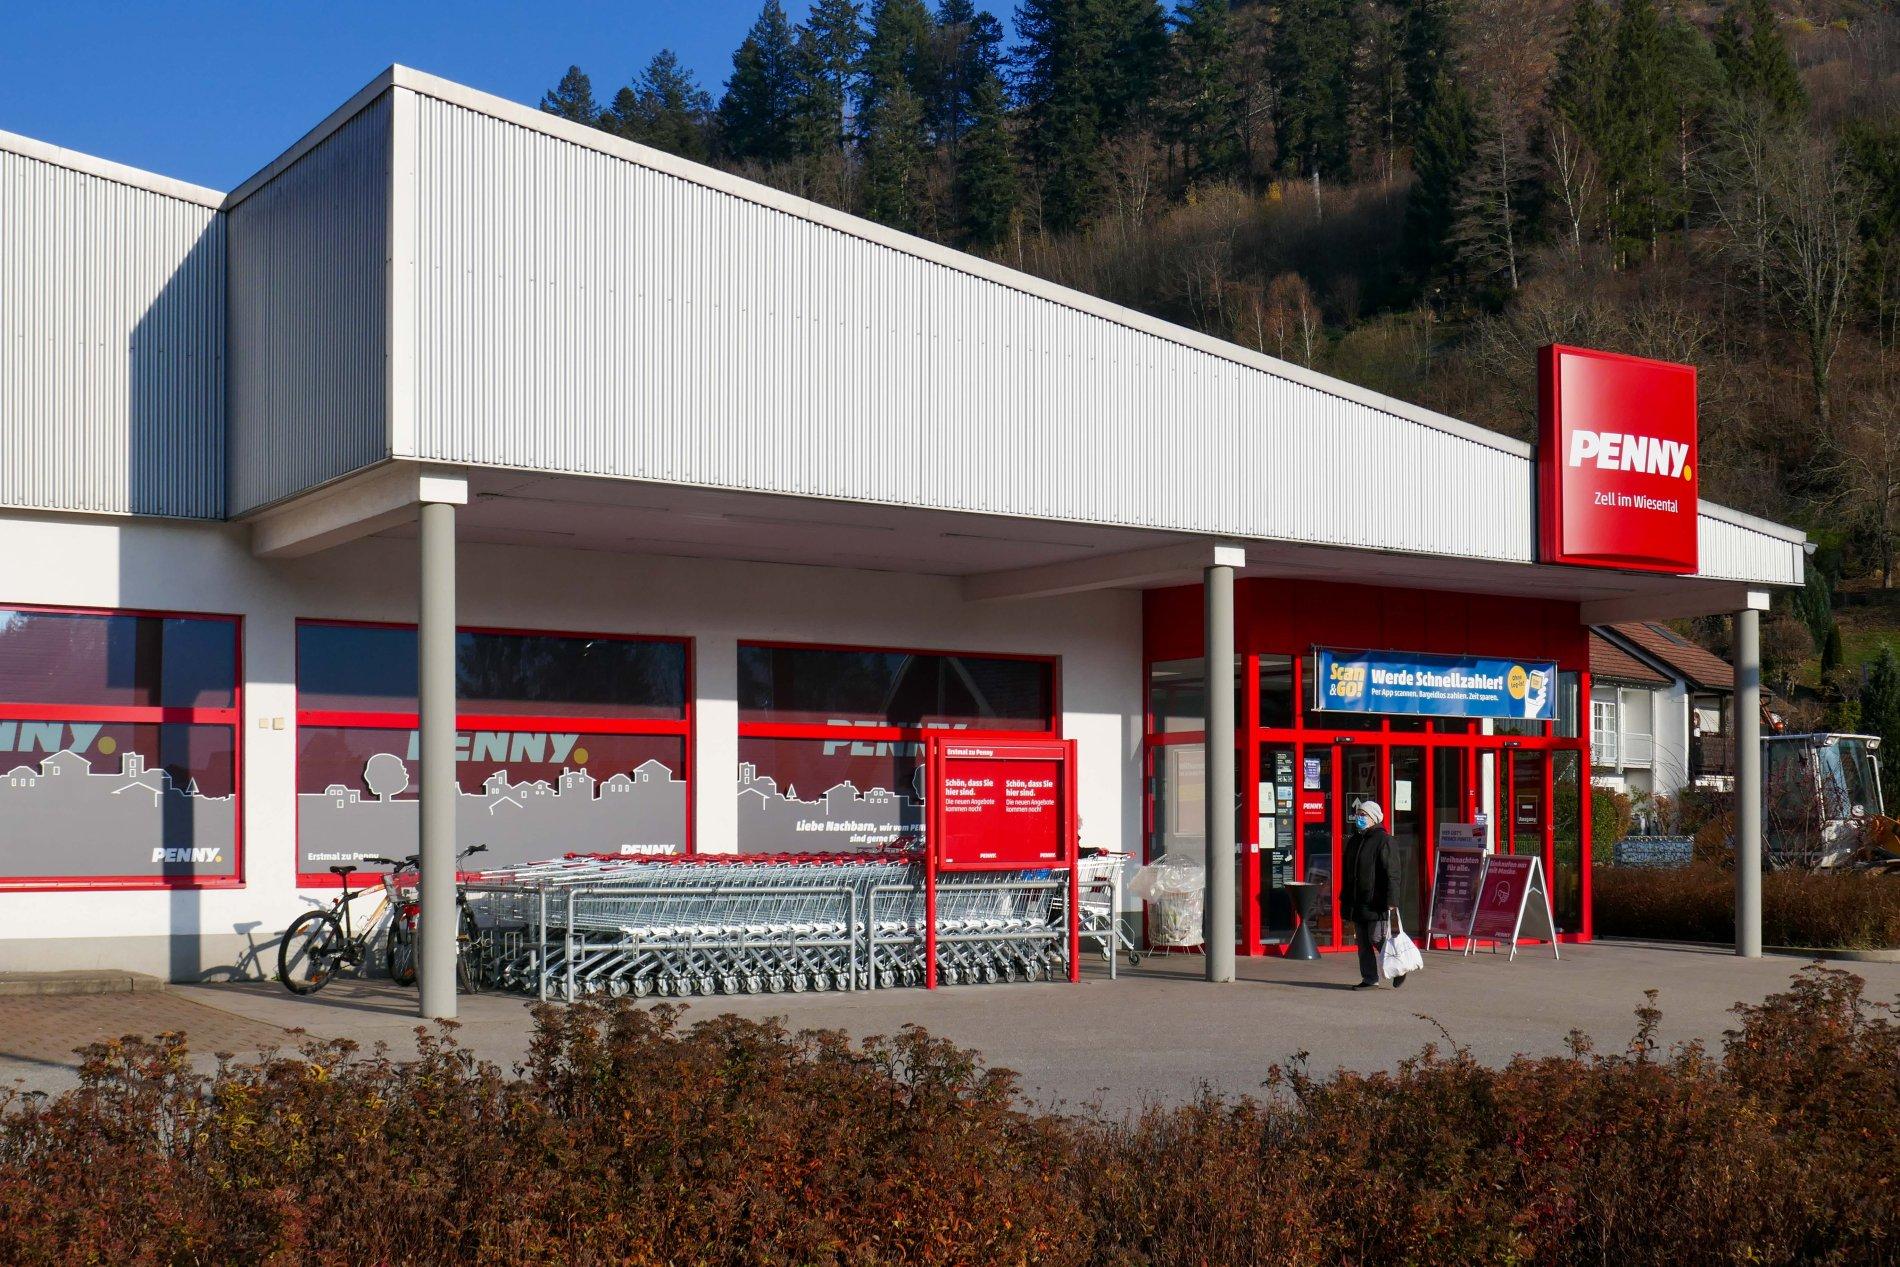 Penny Supermarkt in Zell im Wiesental